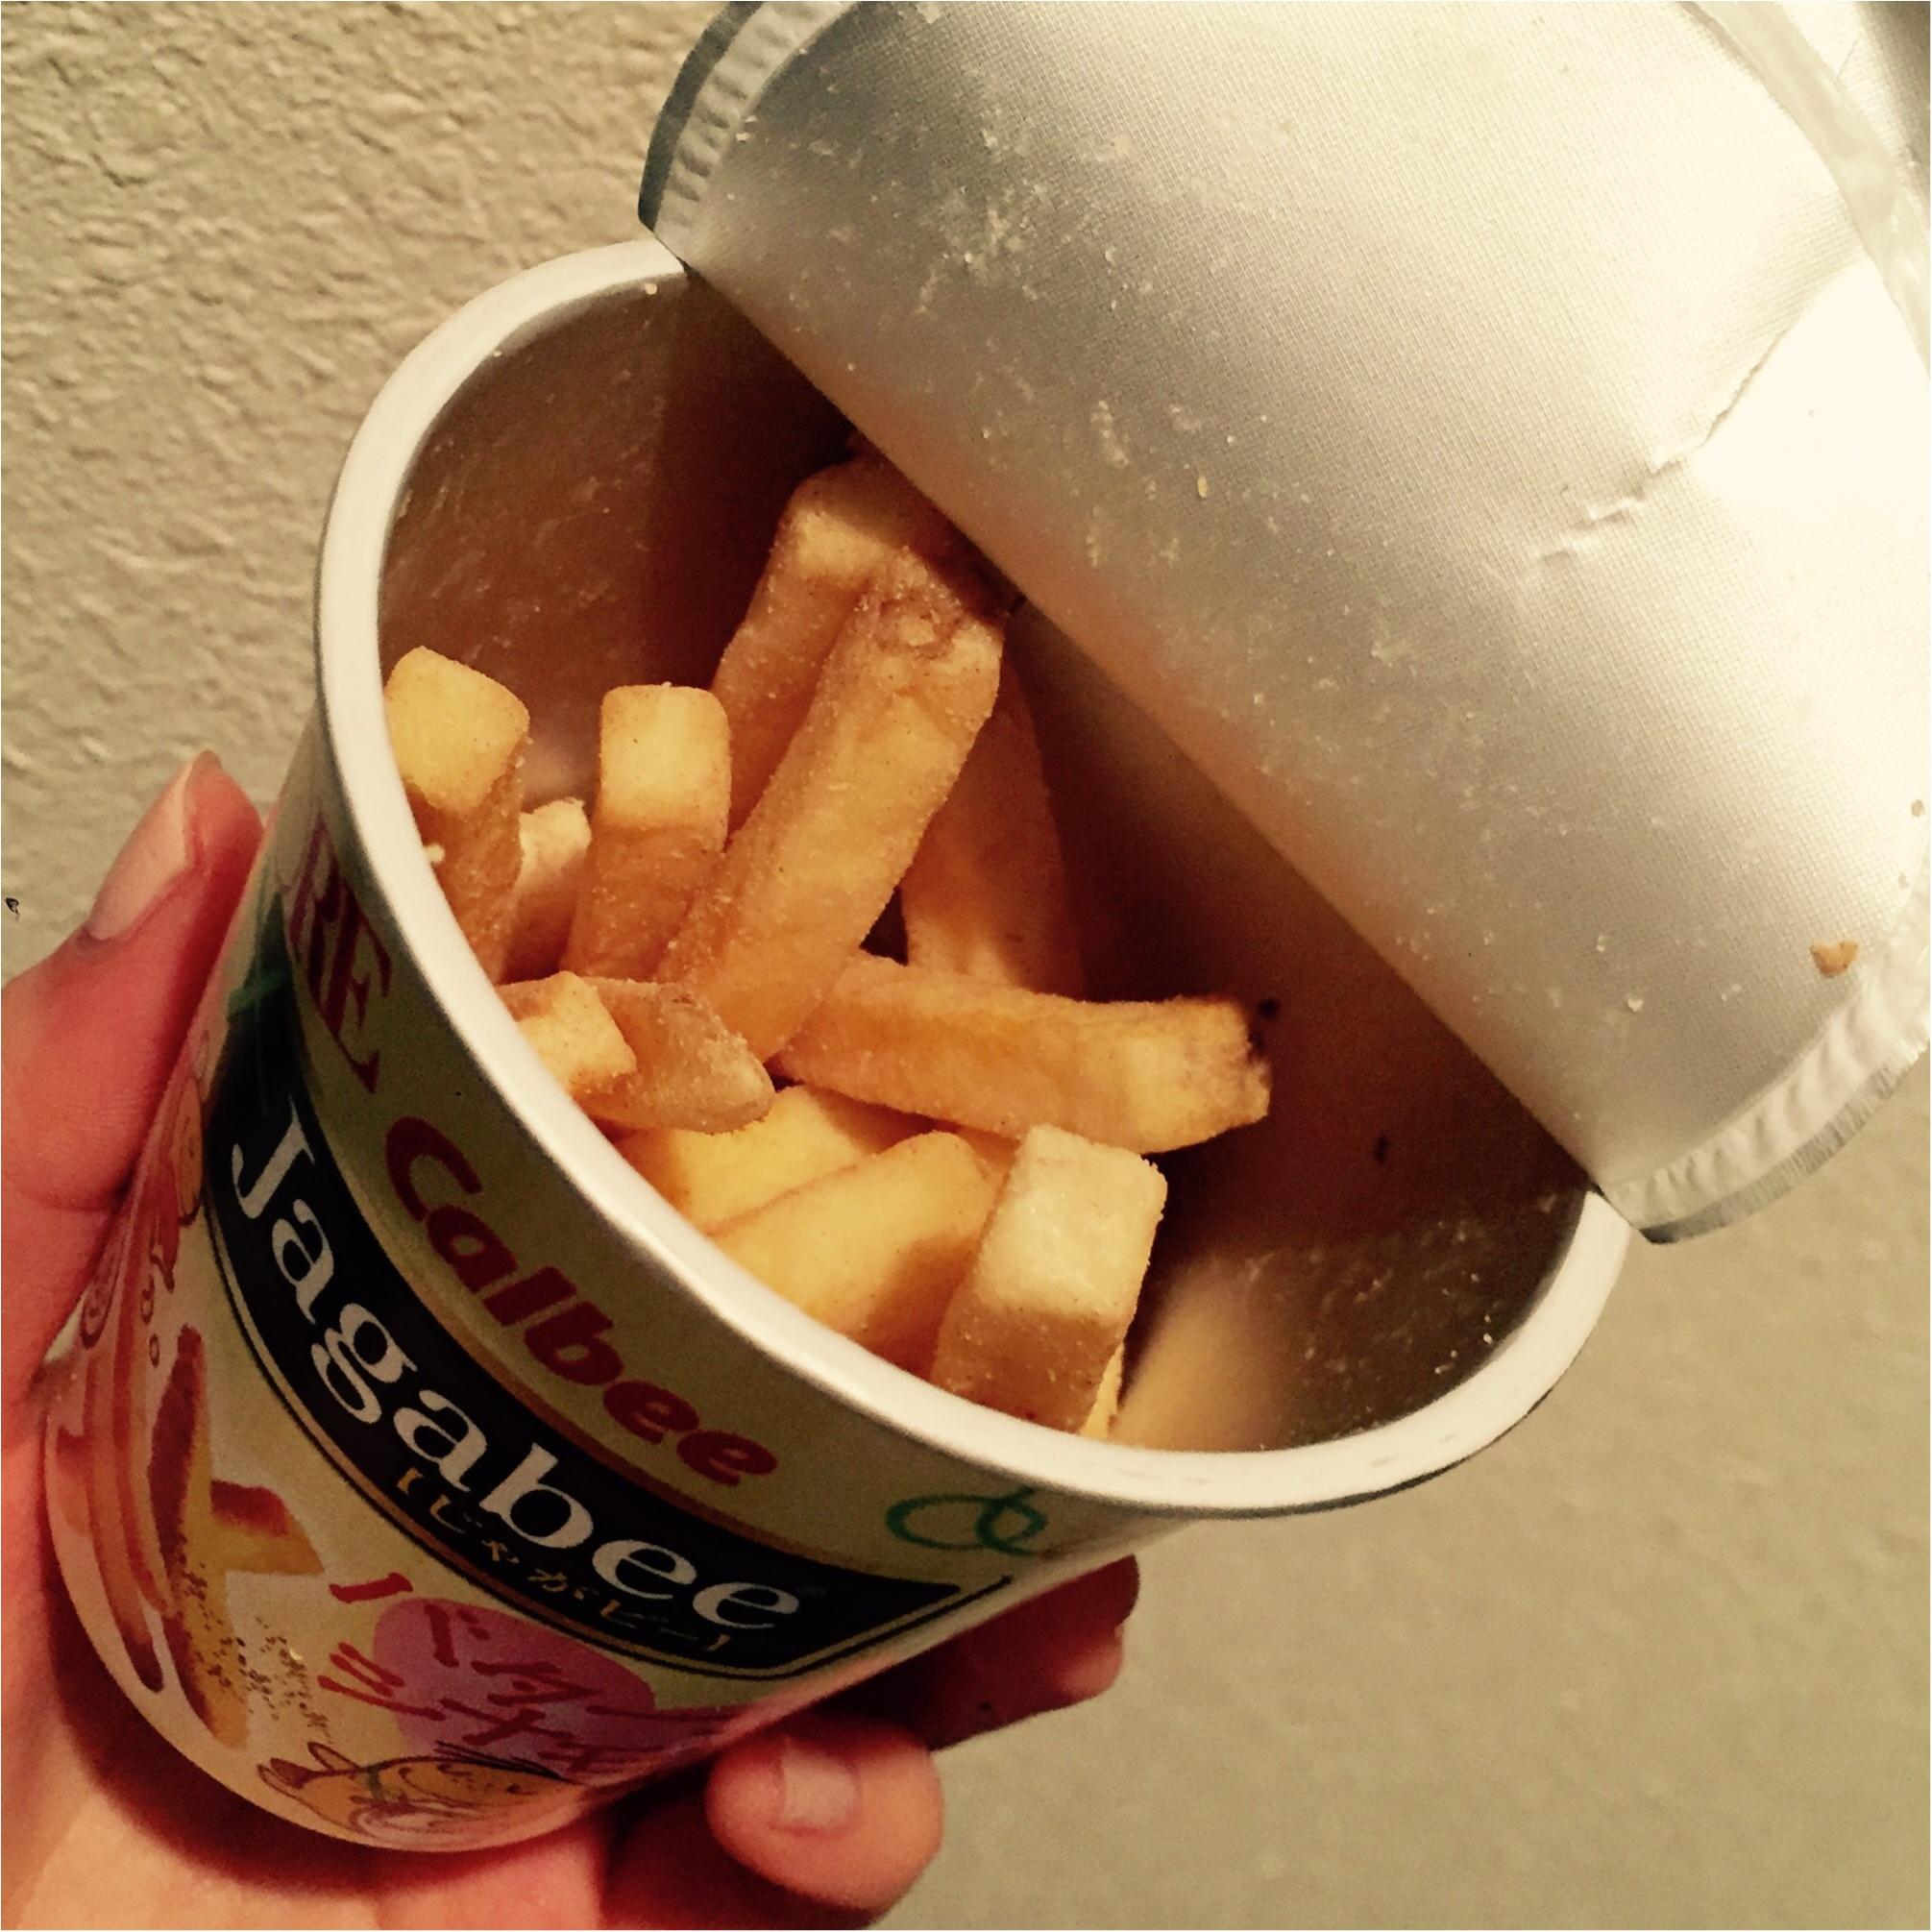 最近のハマりもの!MOREとのコラボ商品♡ジャガビーバターシナモン味♡_2